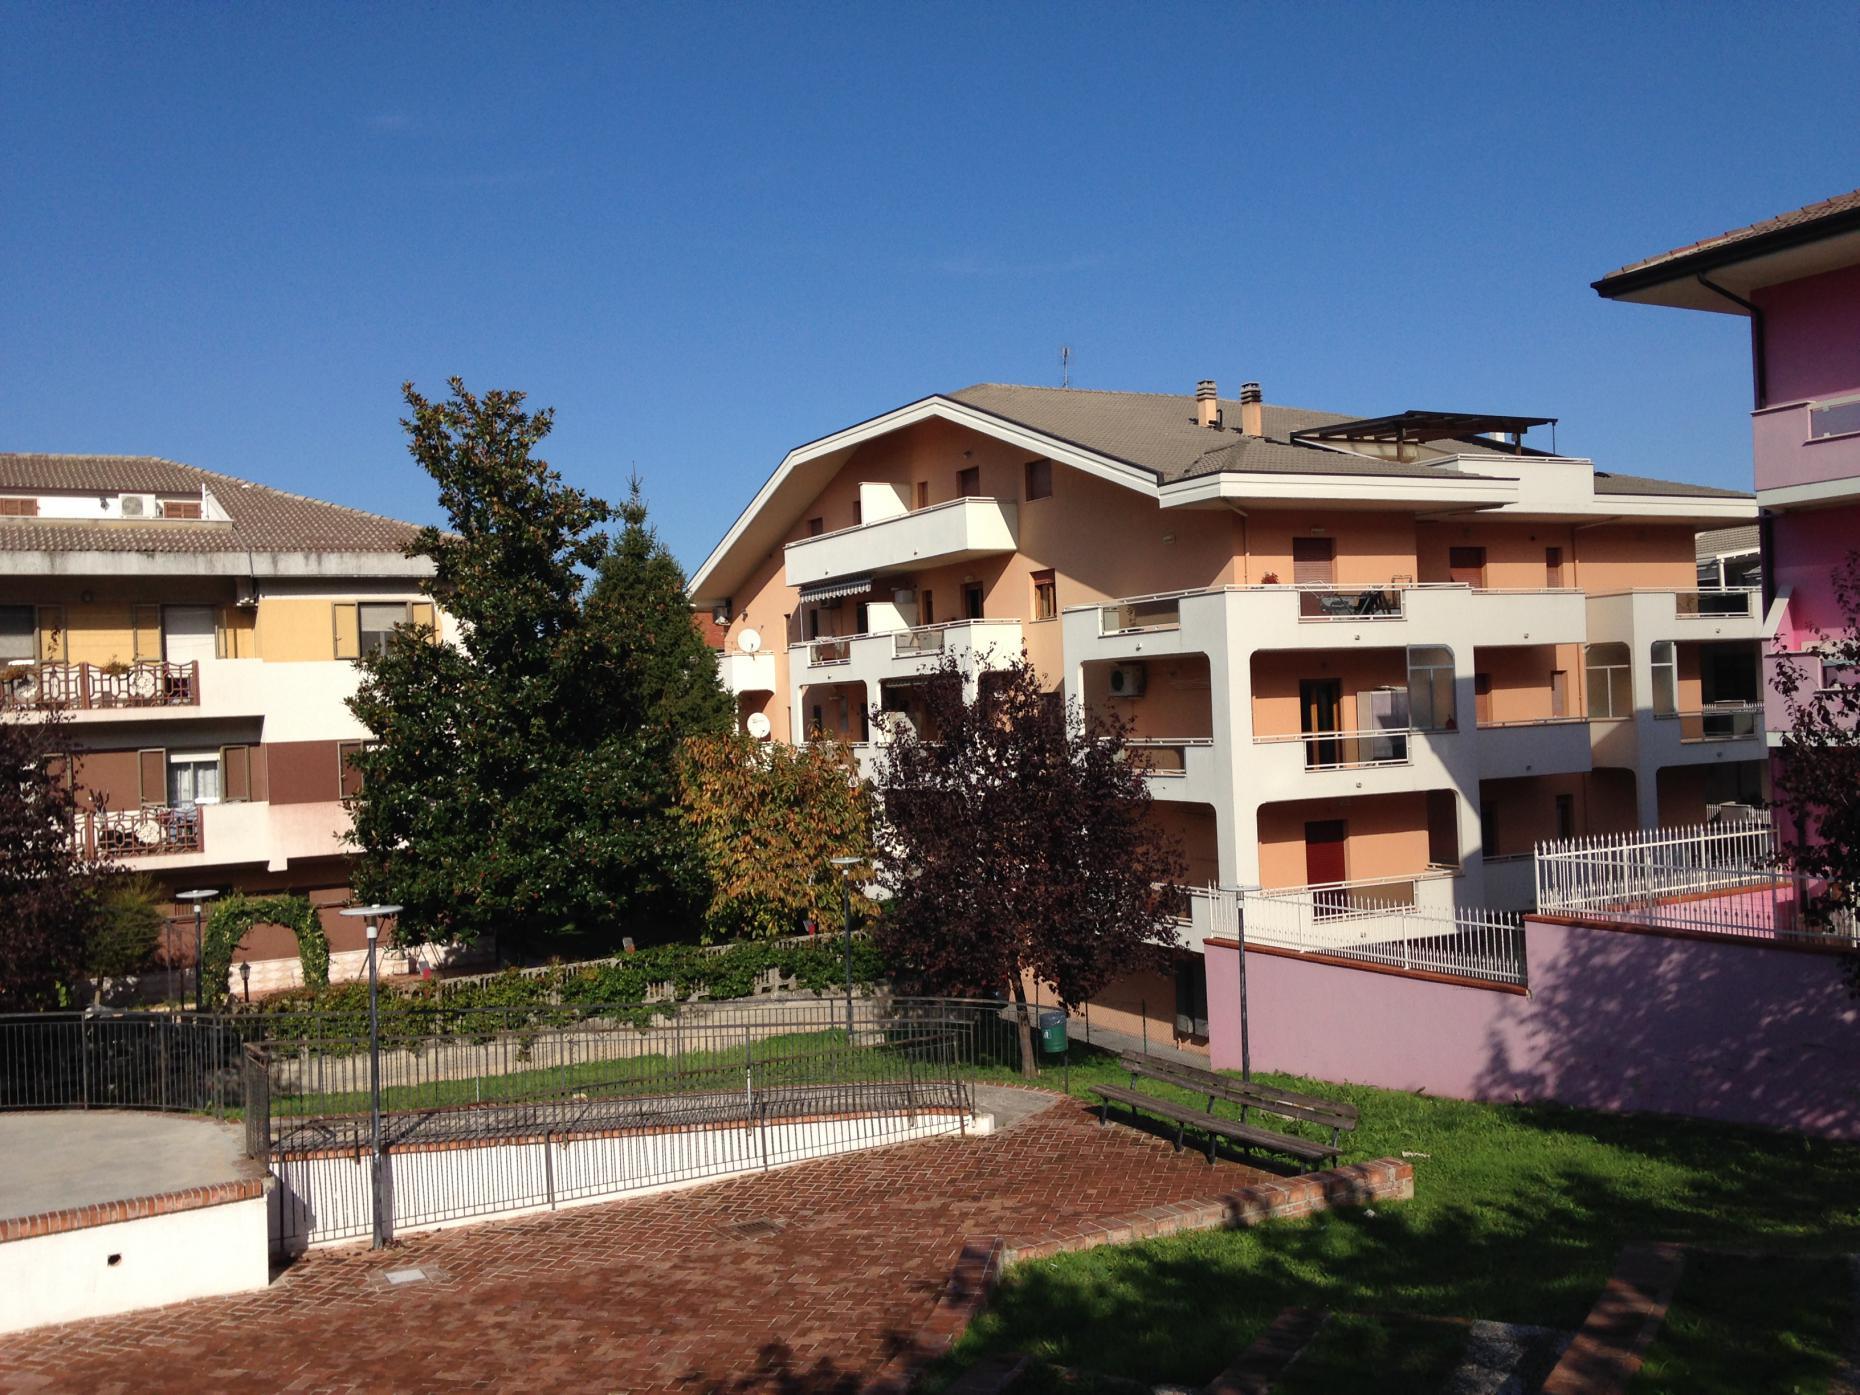 Appartamento in vendita antonio monaco Ripa Teatina (CH)